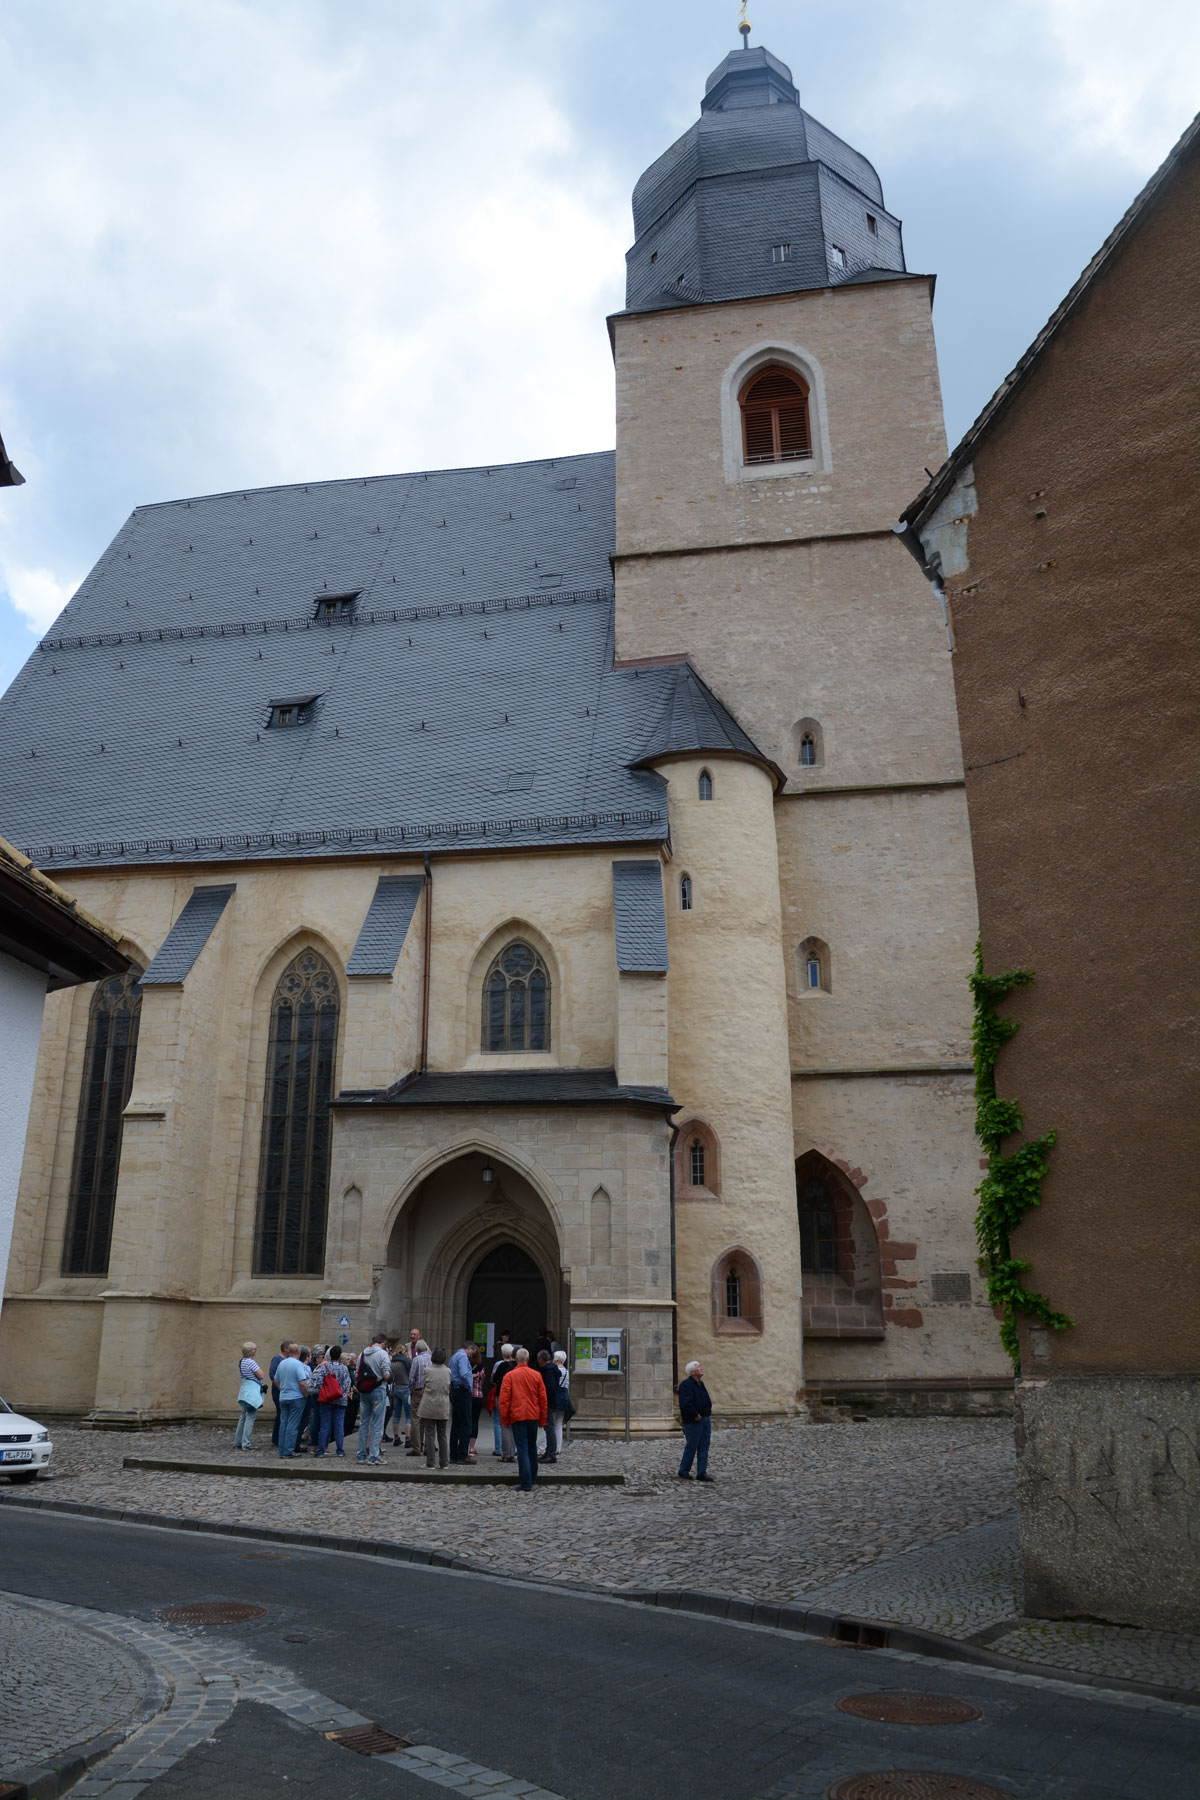 St.-Petri-Pauli-Kirche, Taufkirche Martin Luthers